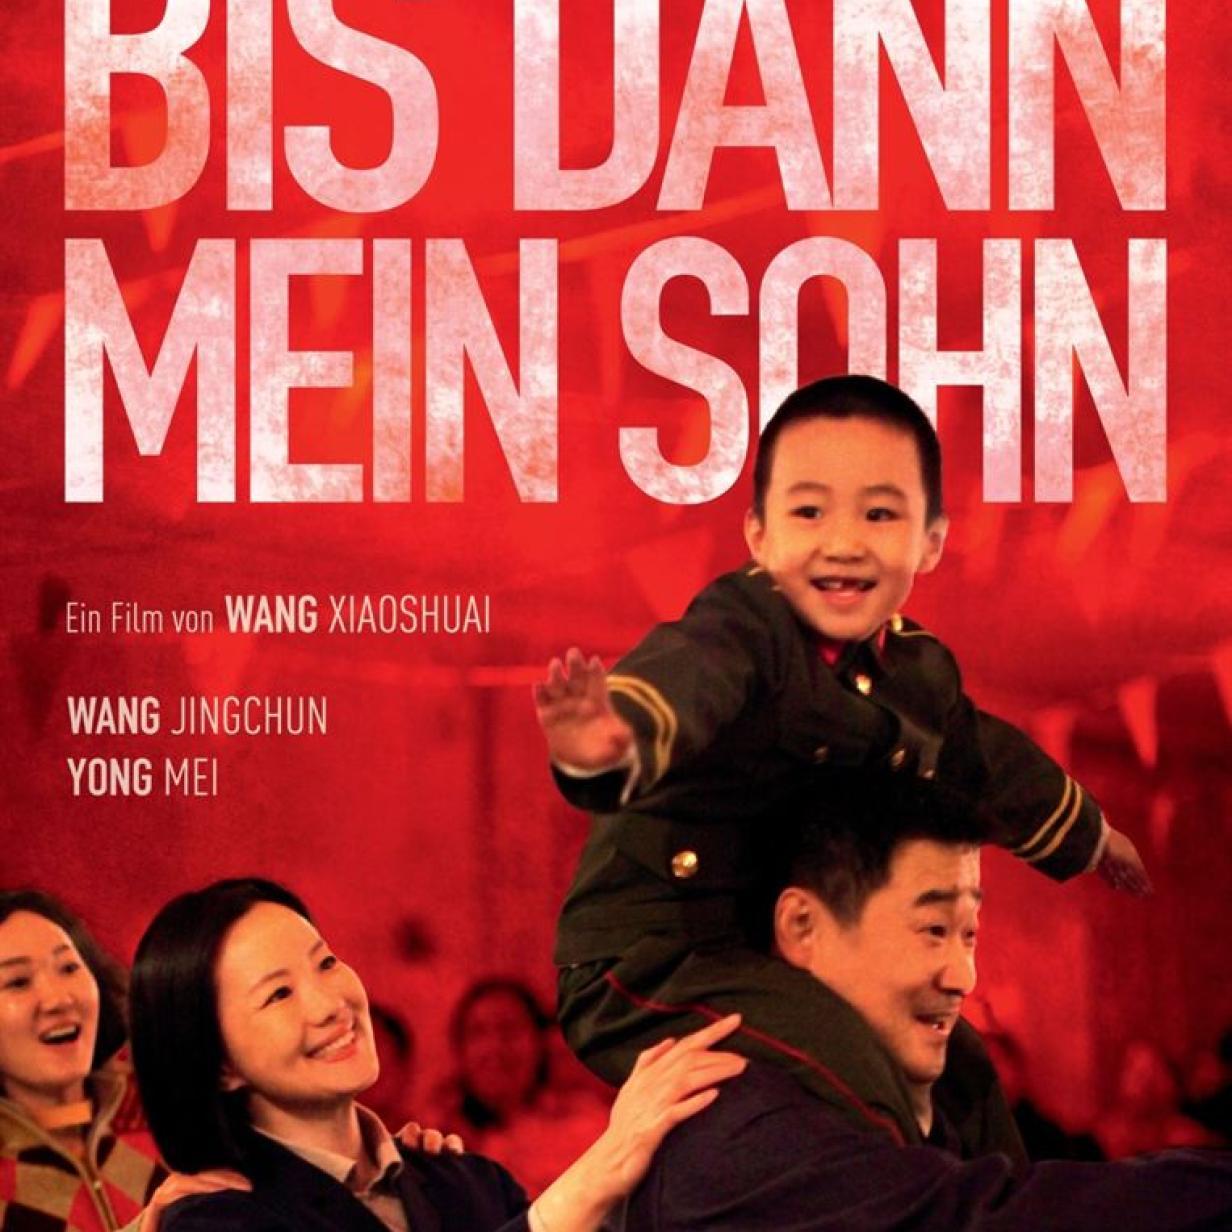 Film & Schauspieler - cover